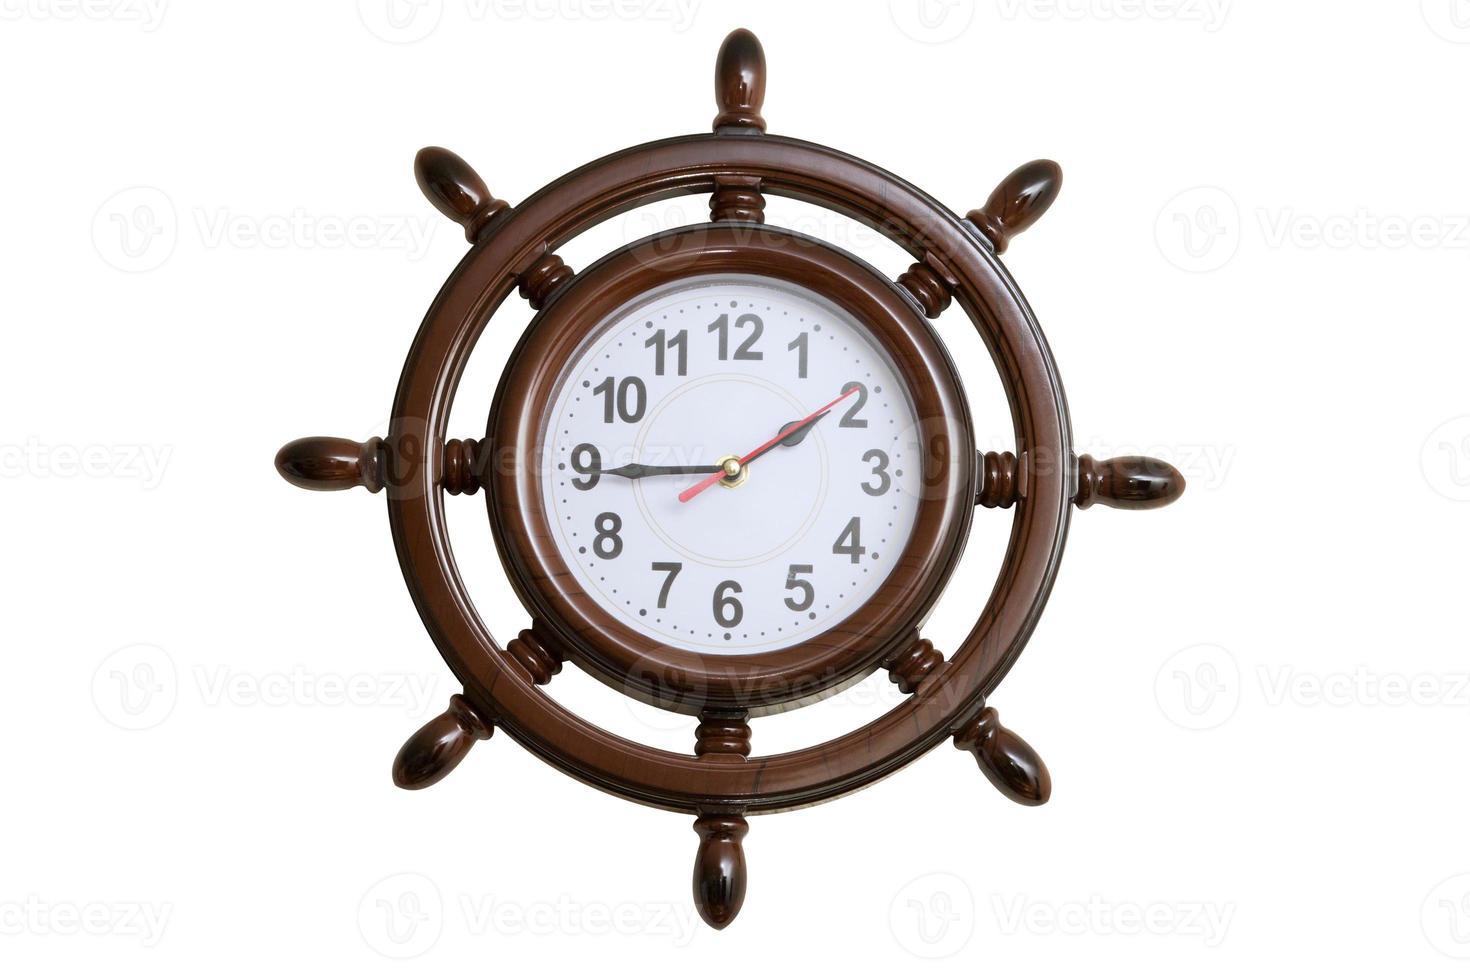 orologi da parete a forma di volante marino foto